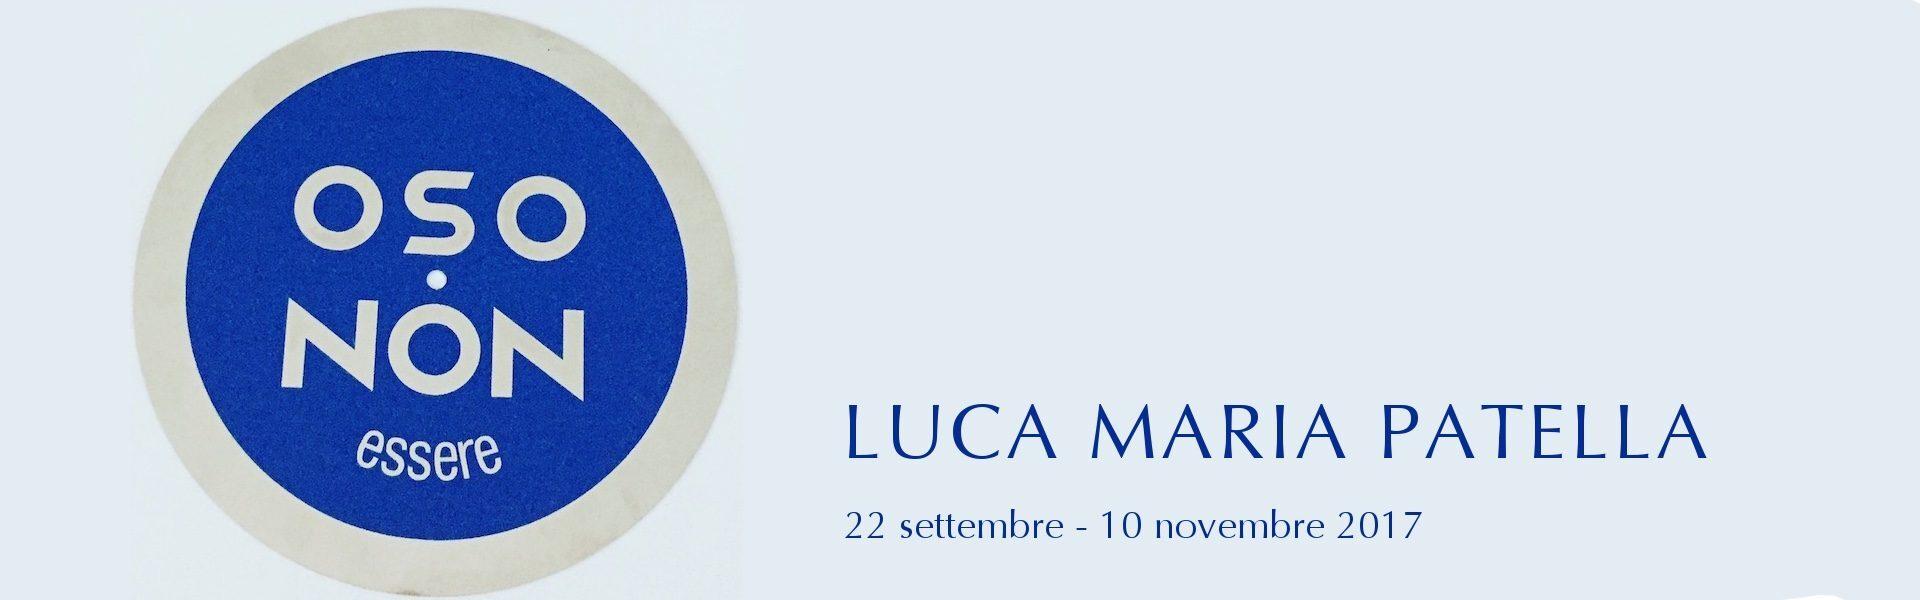 Luca Maria Patella, NON OSO : OSO NON essere, 2017, galleria Il Ponte, Firenze